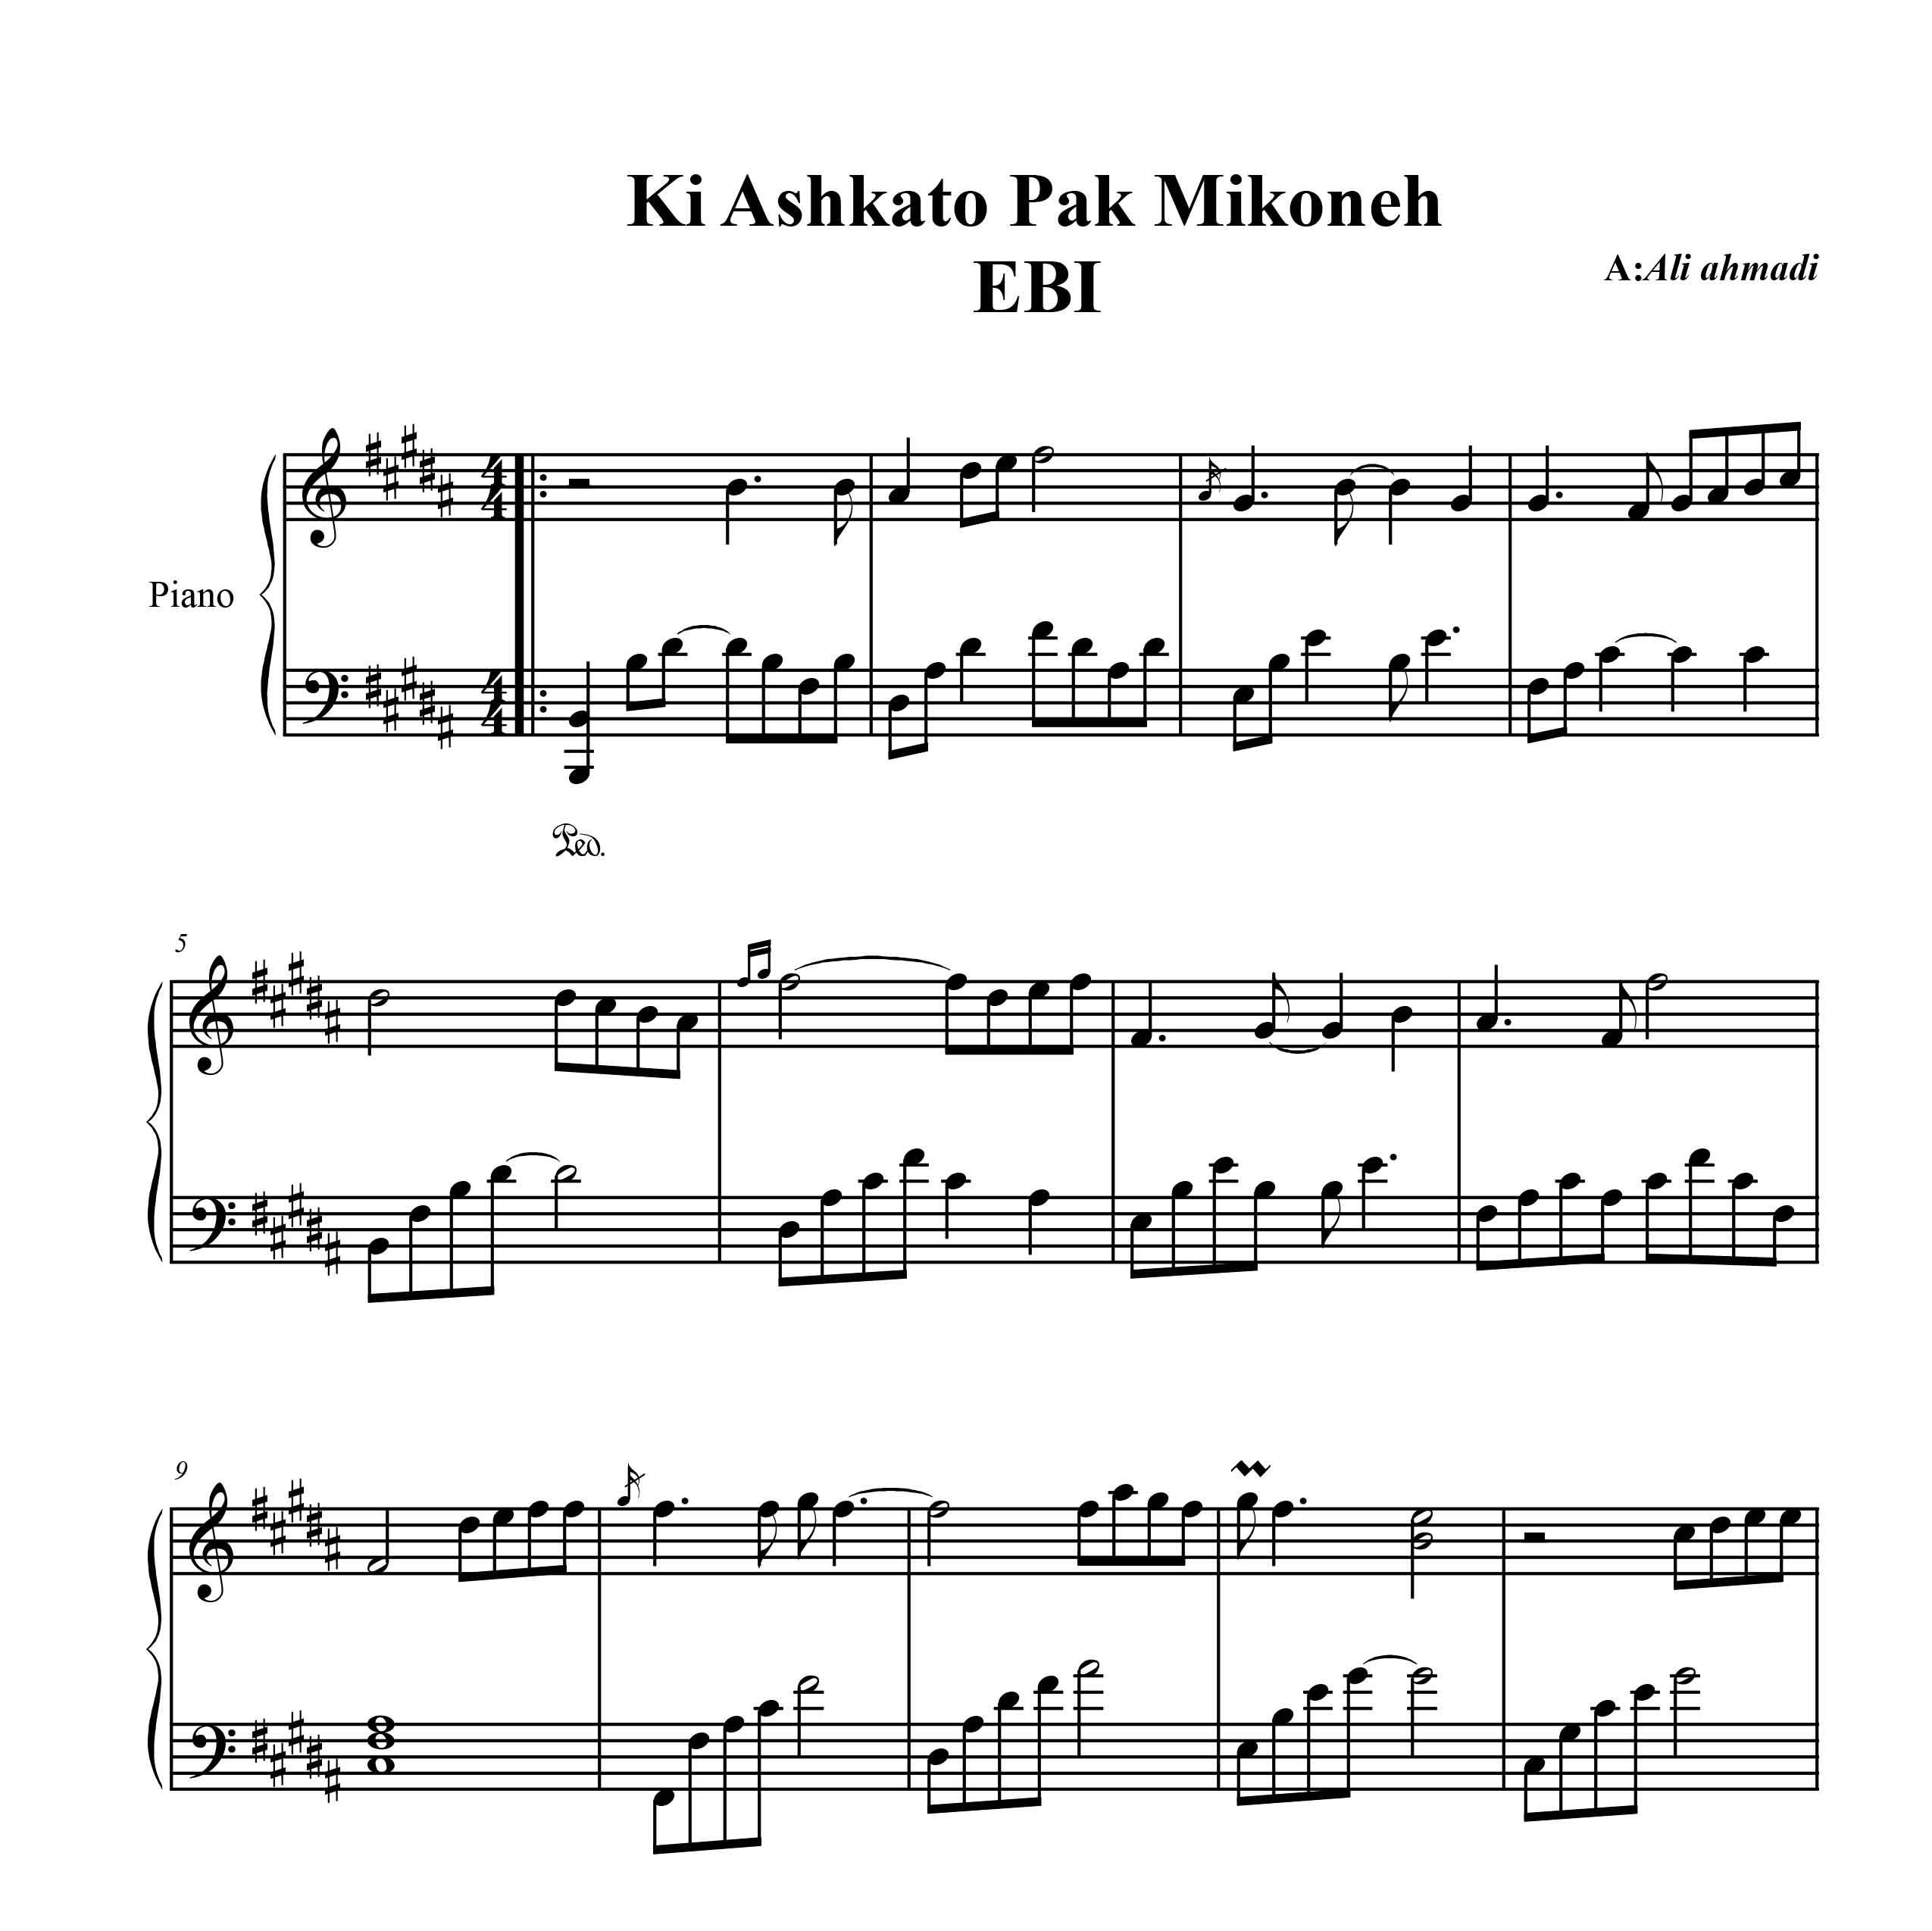 نت آهنگ کی اشکاتو پاک میکنه از ابی برای پیانو  با تنظیم علی احمدی